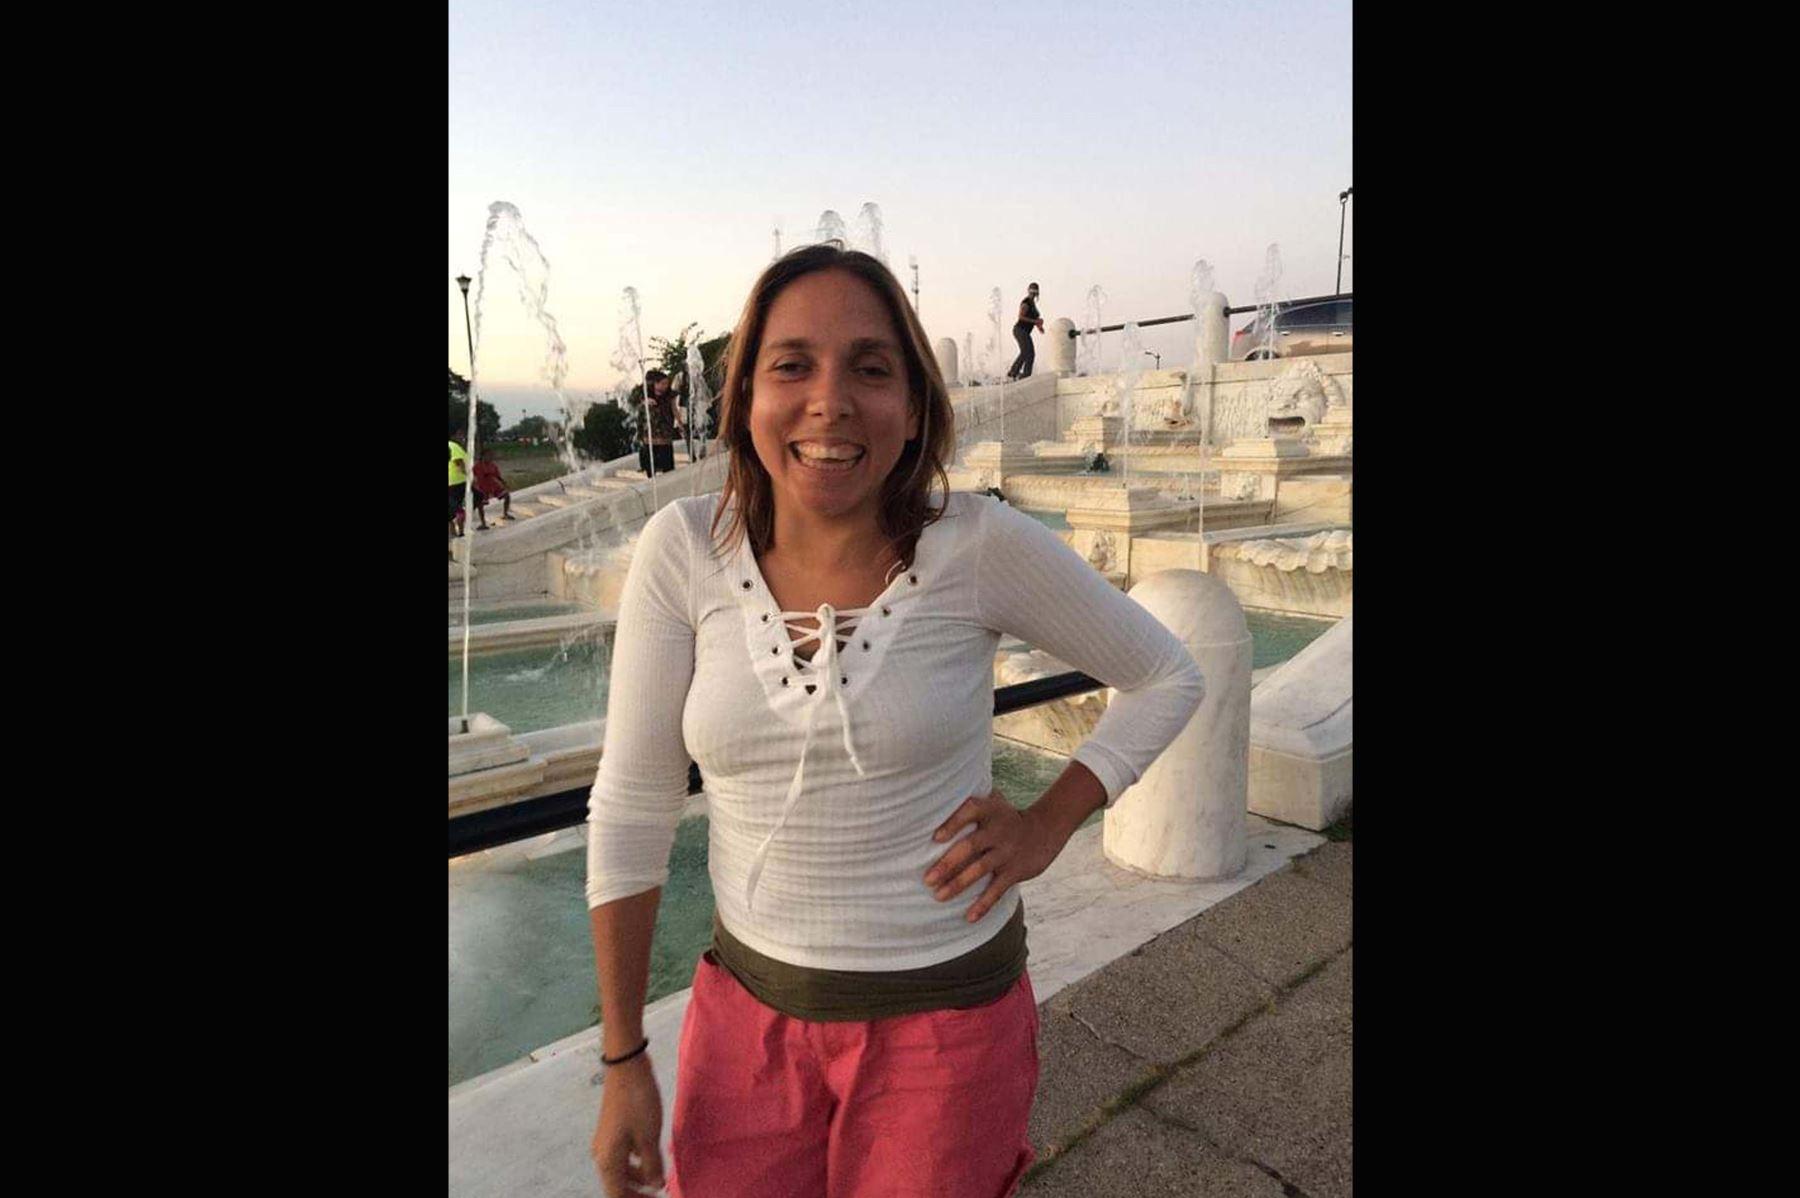 Padre de Carla López, la turista desaparecida en Cusco, se sumó a labores de búsqueda de la joven. ANDINA/Difusión